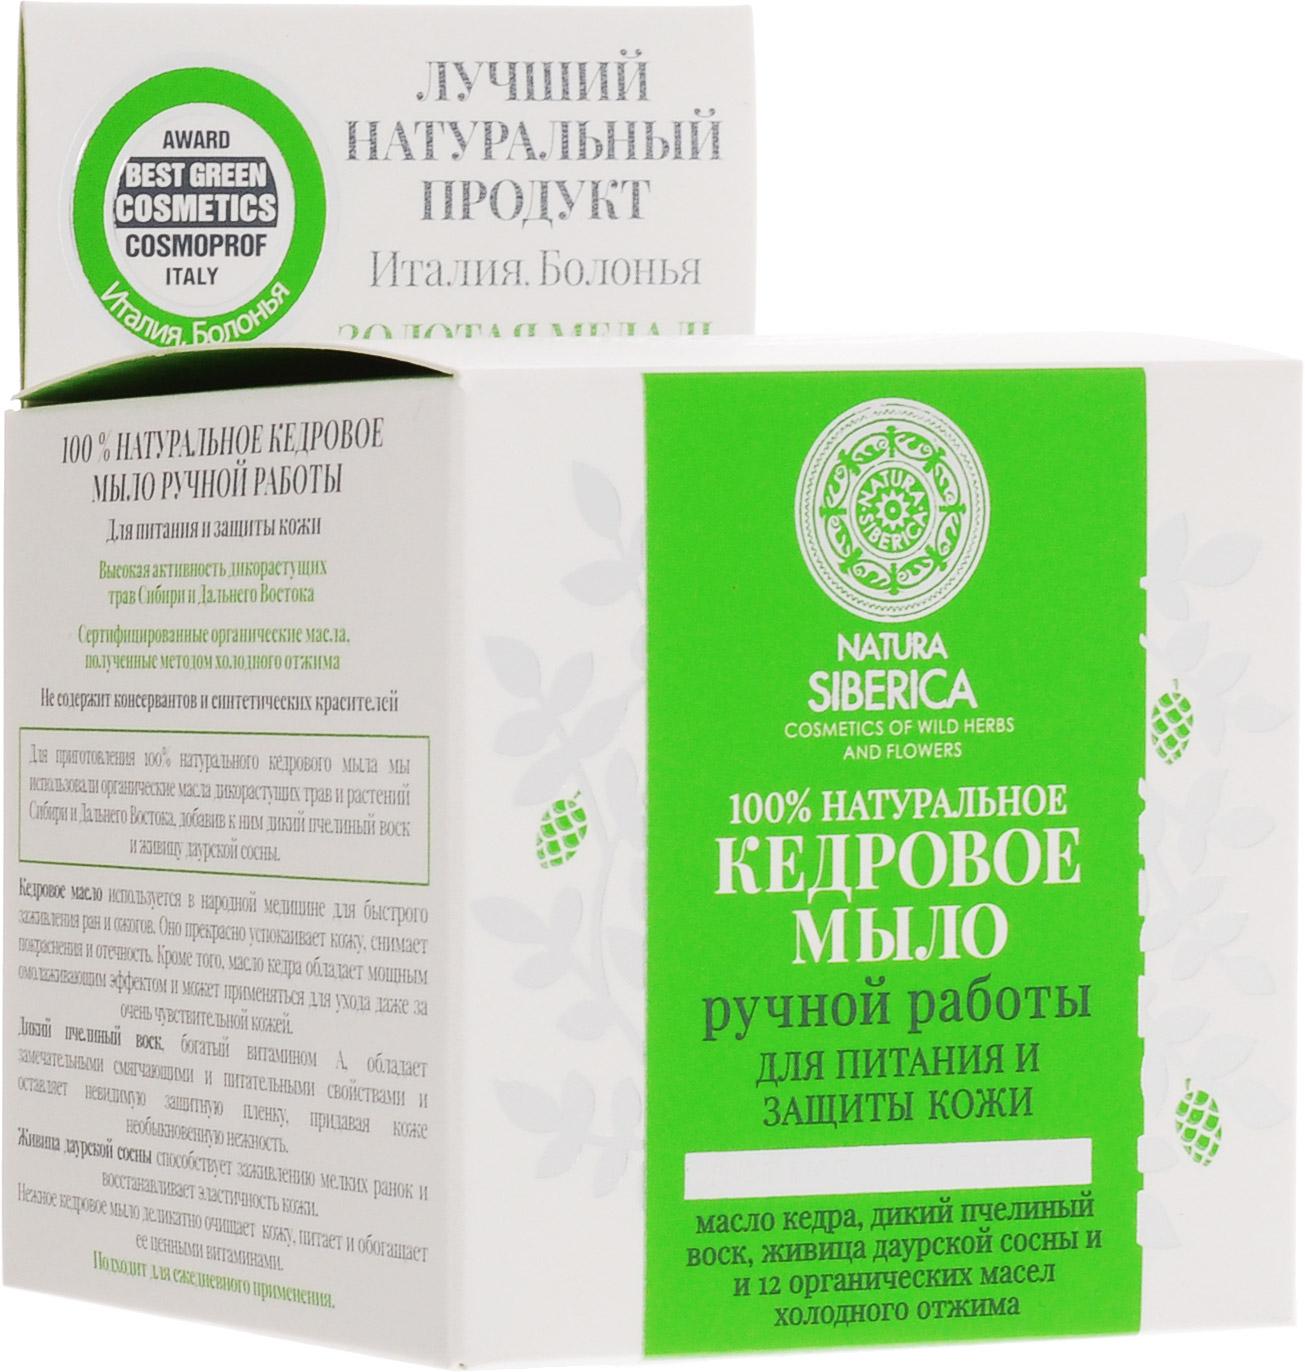 Мыло Natura Siberica Кедровое, натуральное, 100 г086-31041Натурально мыло Natura Siberica Кедровое ручной работы деликатно очищает кожу, питает и обогащает ее ценными витаминами. Кедровое масло прекрасно успокаивает кожу, снимает покраснения и отечность. Масло кедра обладает мощным омолаживающим эффектом и может применяться для ухода за очень чувствительной кожей. Дикий пчелиный воск, богатый витамином А, обладает смягчающими и питательными свойствами и оставляет невидимую защитную пленку, придавая коже необыкновенную нежность. Живица даурской сосны способствует заживлению мелких ранок и восстанавливает эластичность кожи. Подходит для ежедневного примененияХарактеристики:Вес: 100 г. Производитель: Россия. Артикул: 086-31041. Товар сертифицирован.Уважаемые клиенты!Обращаем ваше внимание на возможные изменения в дизайне упаковки. Качественные характеристики товара остаются неизменными. Поставка осуществляется в зависимости от наличия на складе.